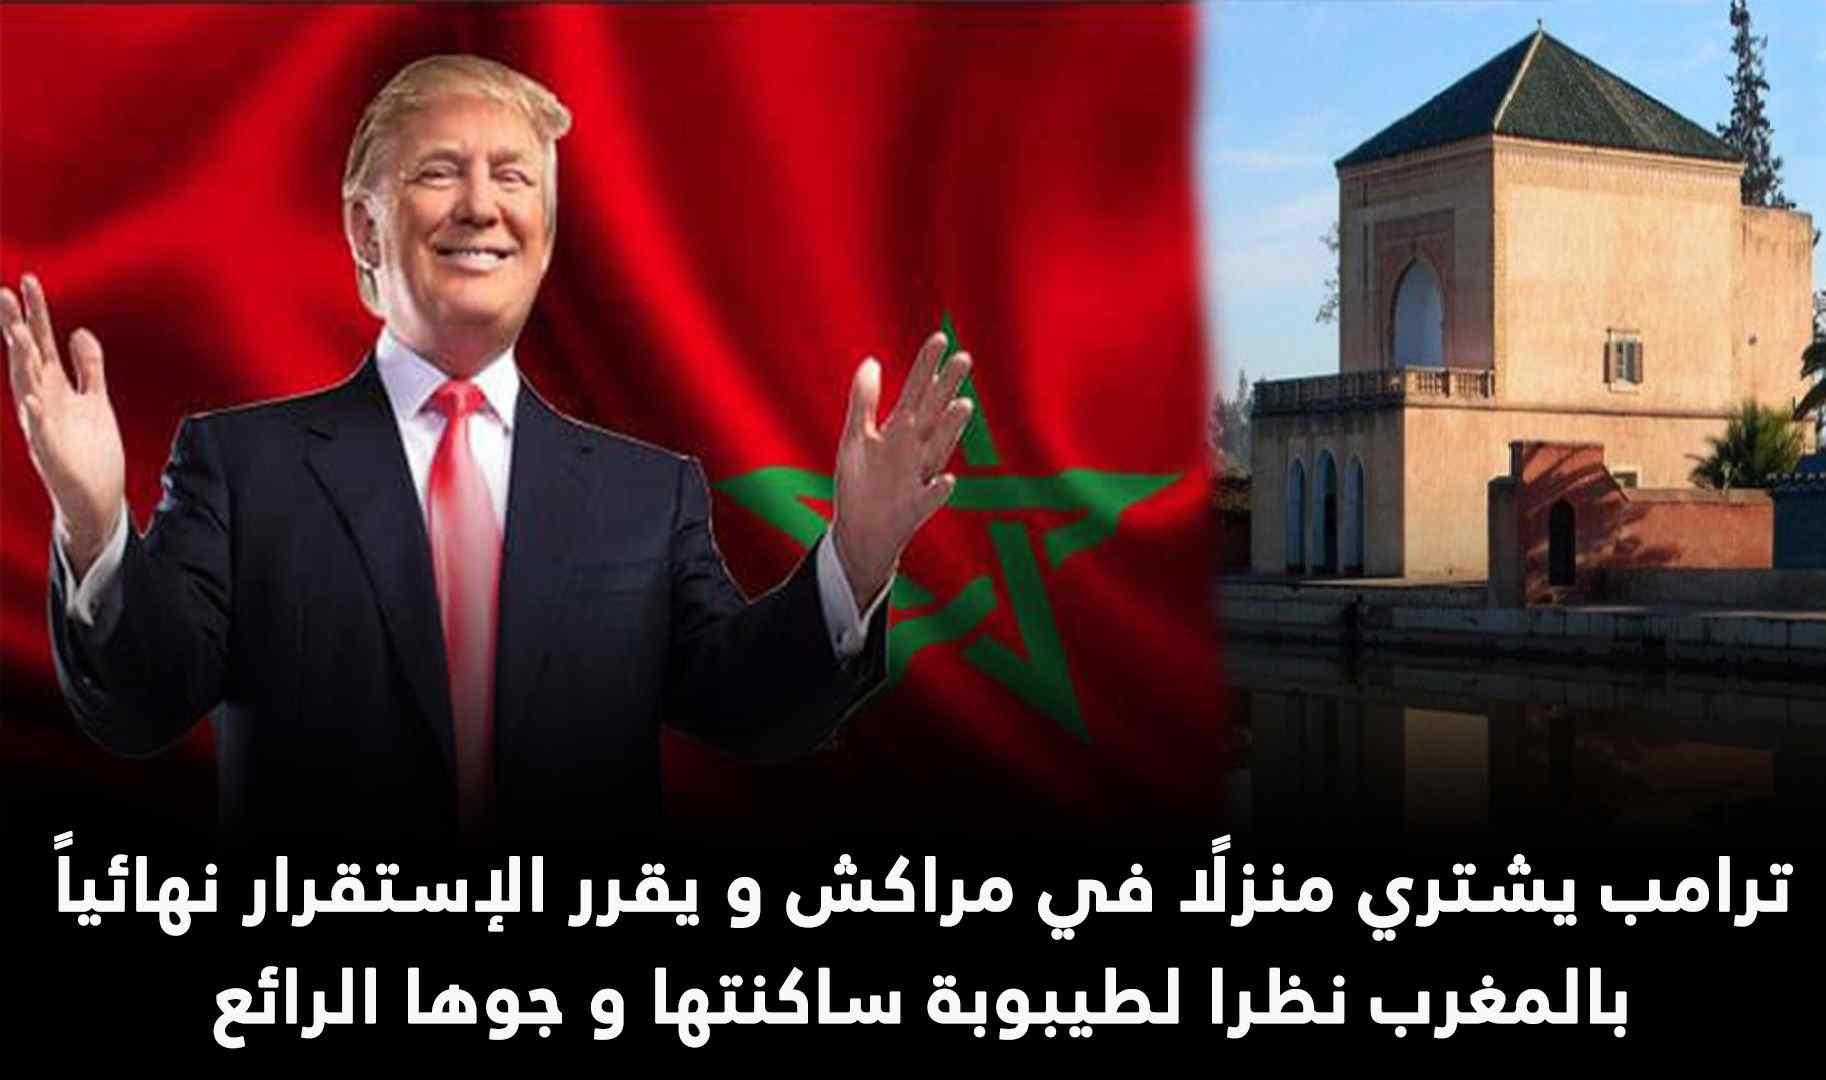 حقيقة شراء ترامب منزلًا في مراكش من أجل الإستقرار نهائياً بالمغرب